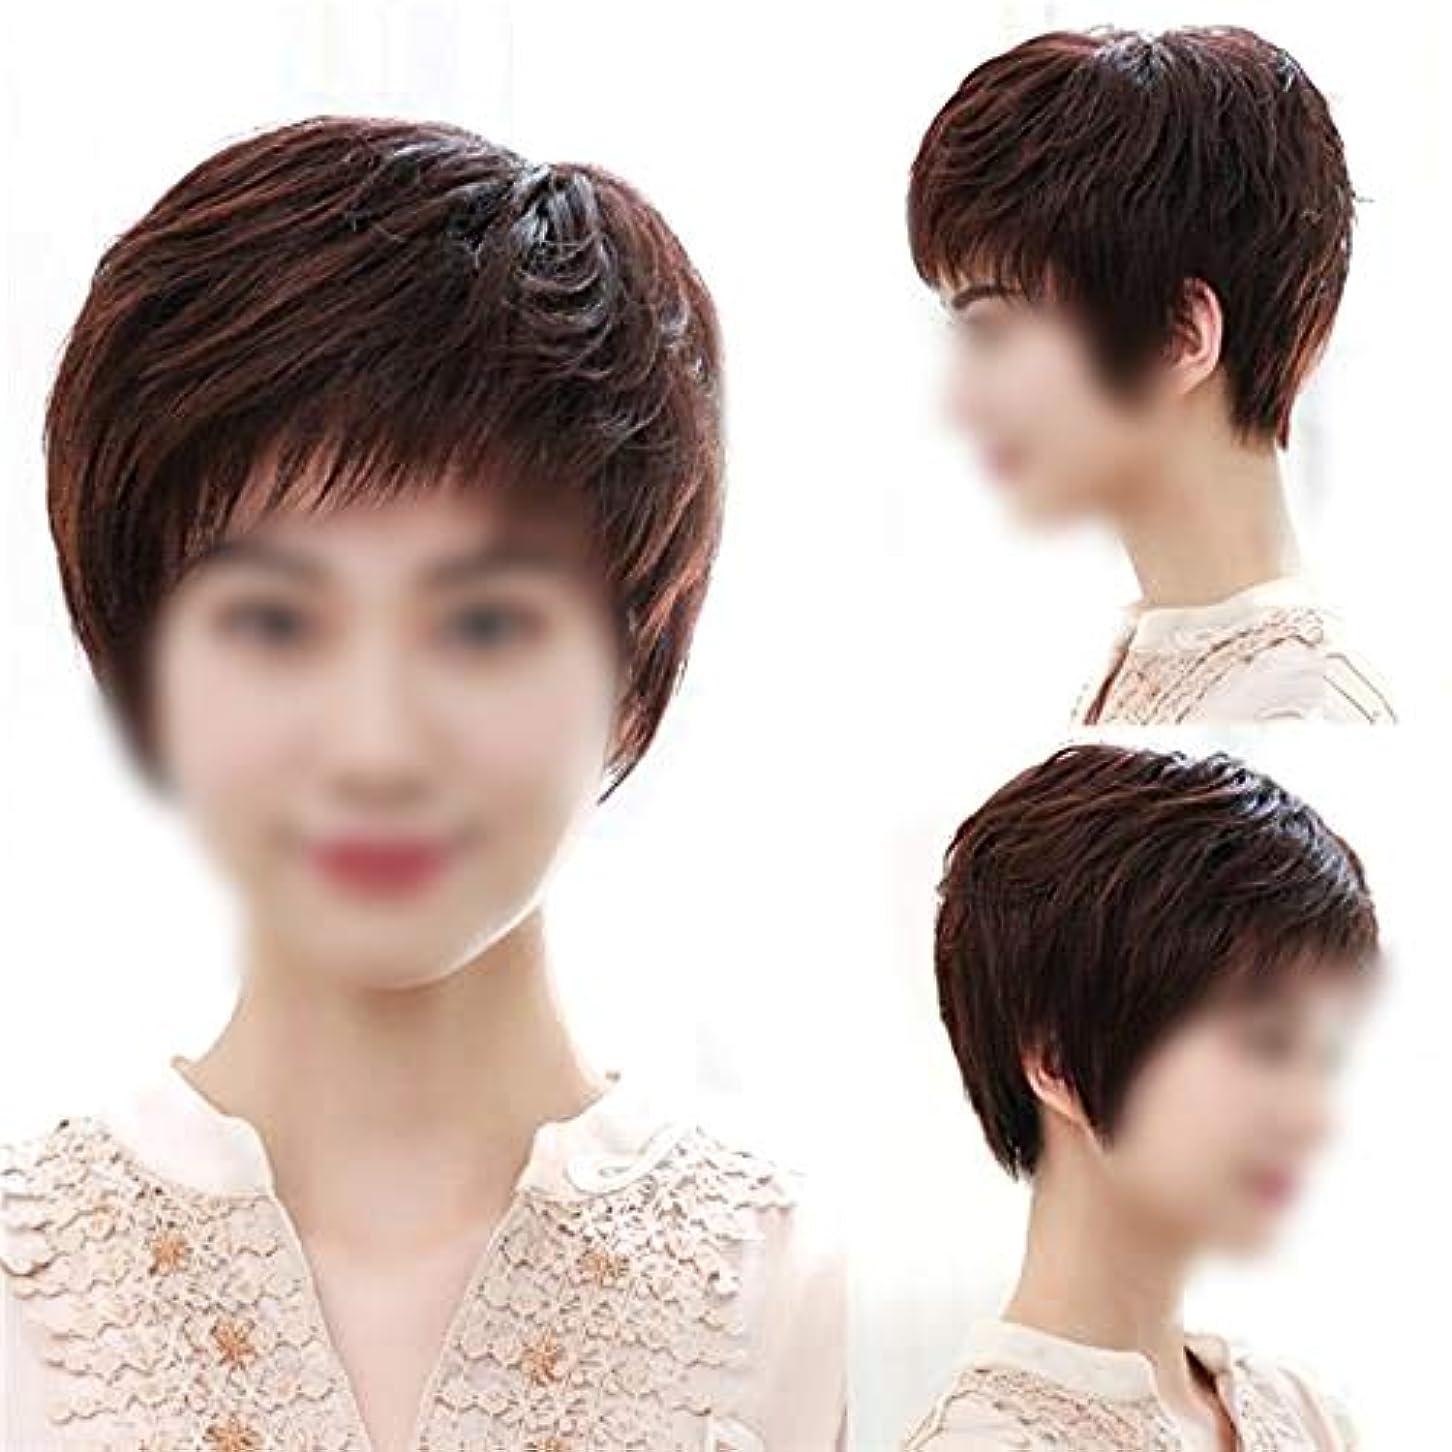 毒液国際キャッチYOUQIU 女子ダークブラウンショートヘア中年手織りの実髪の髪の自然のリアルなウィッグウィッグ (色 : Natural black)